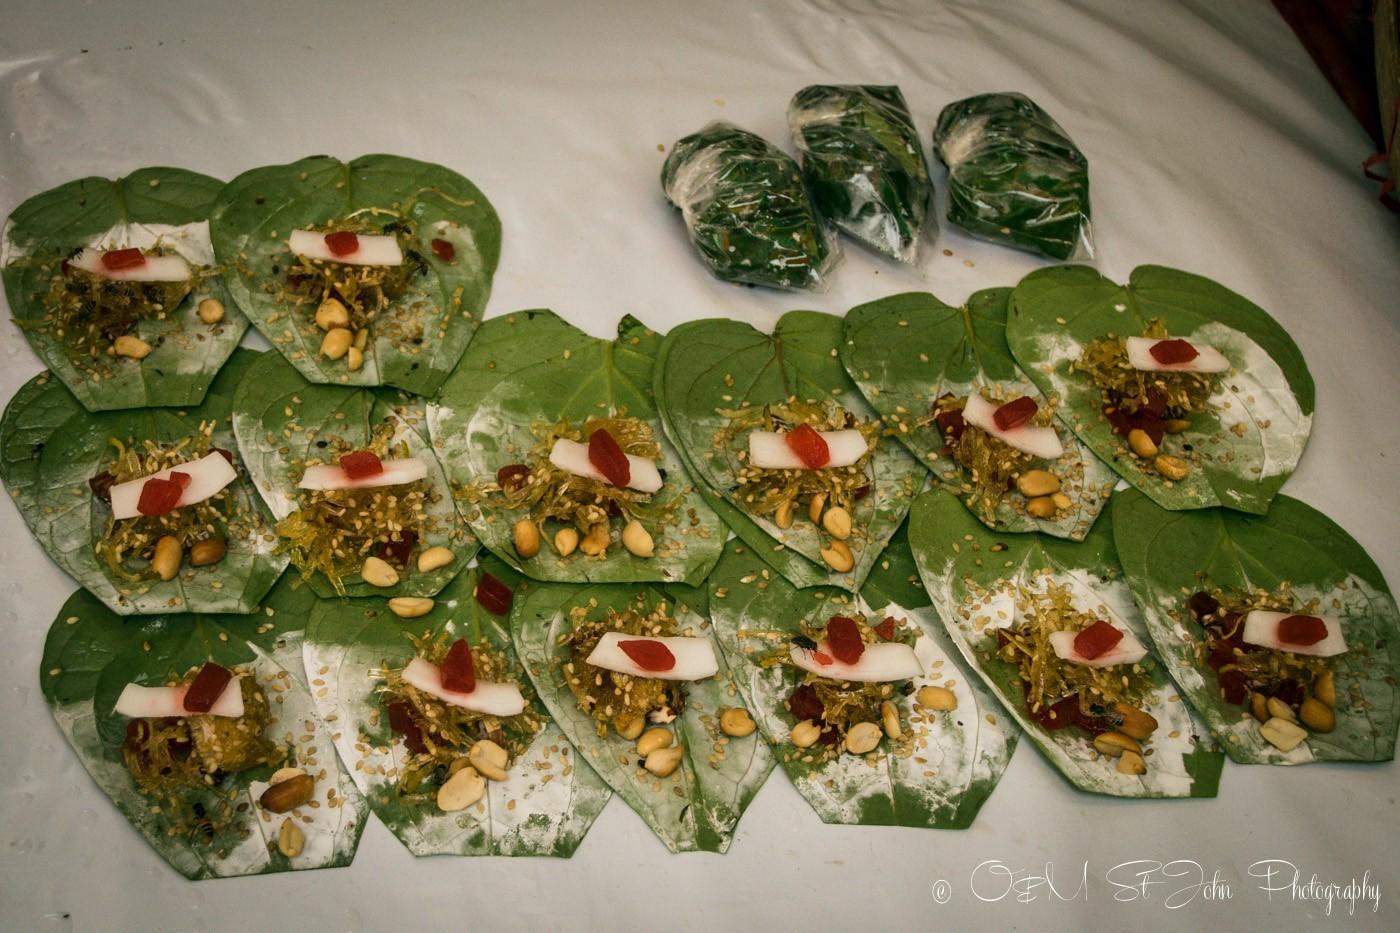 3 days in Yangon: Betel nut wraps ready for sale. Yangon, Myanmar